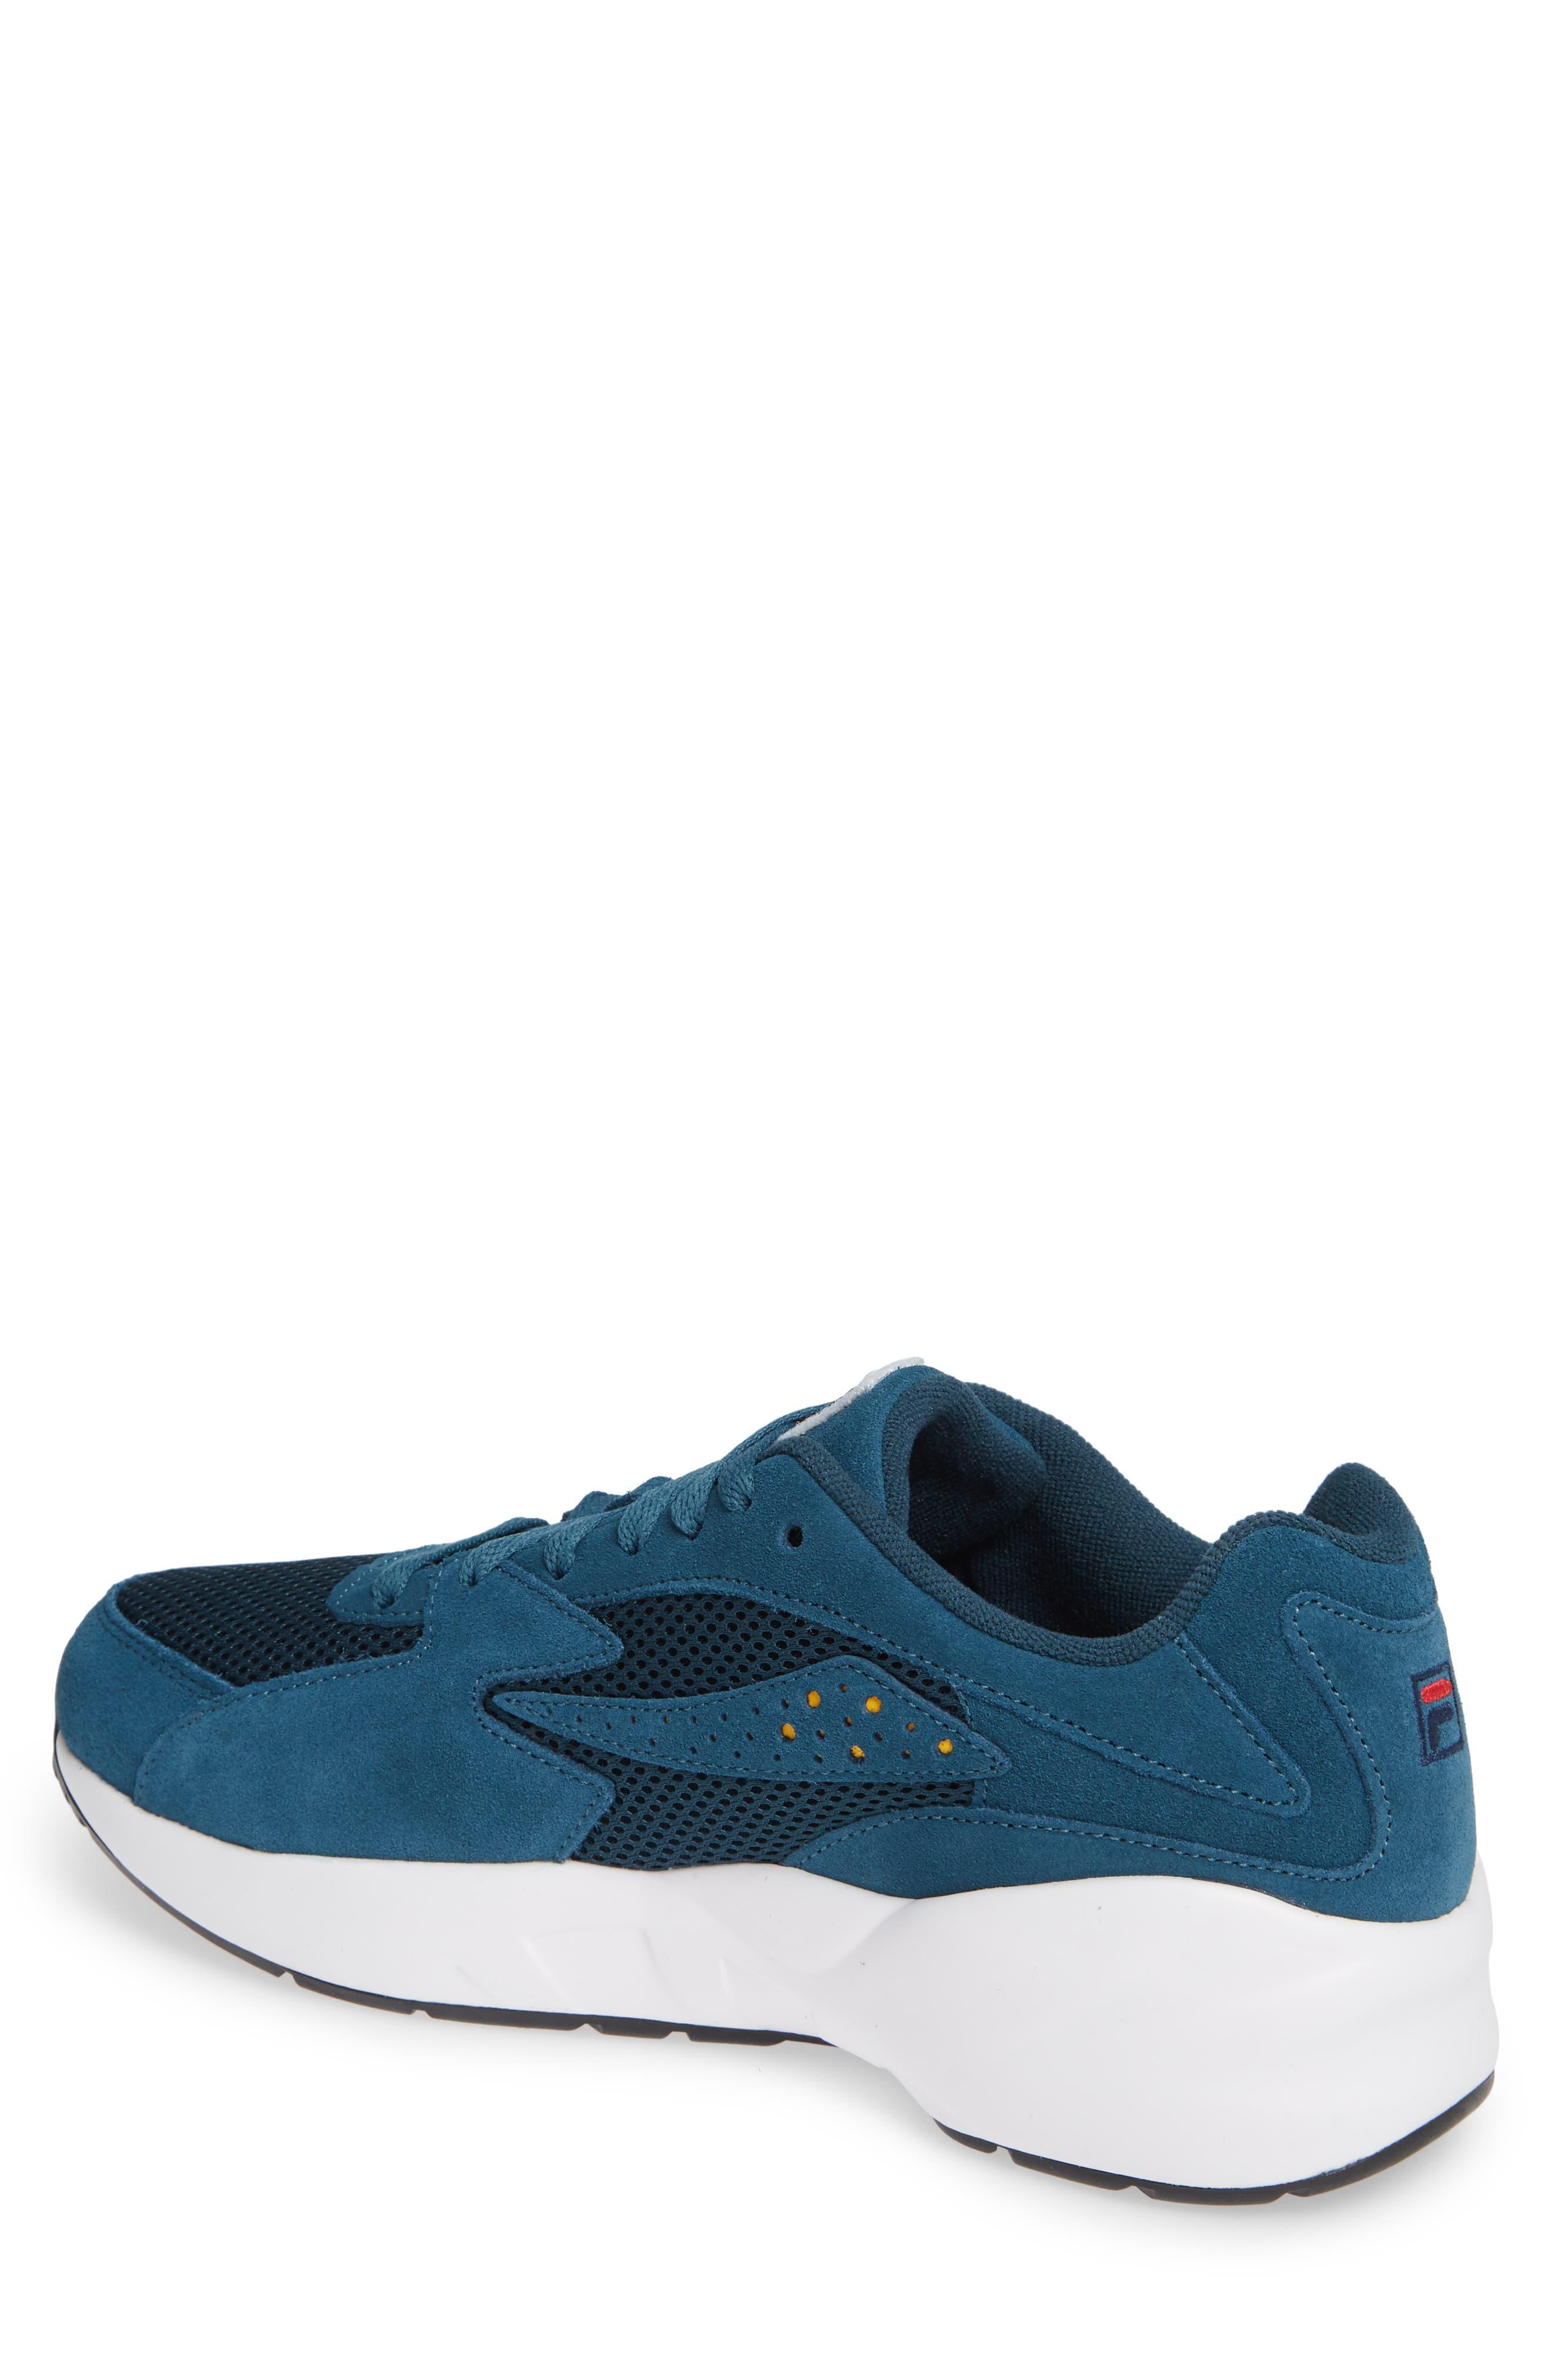 Mindblower Sneaker,                             Alternate thumbnail 2, color,                             WHITE/ BLACK